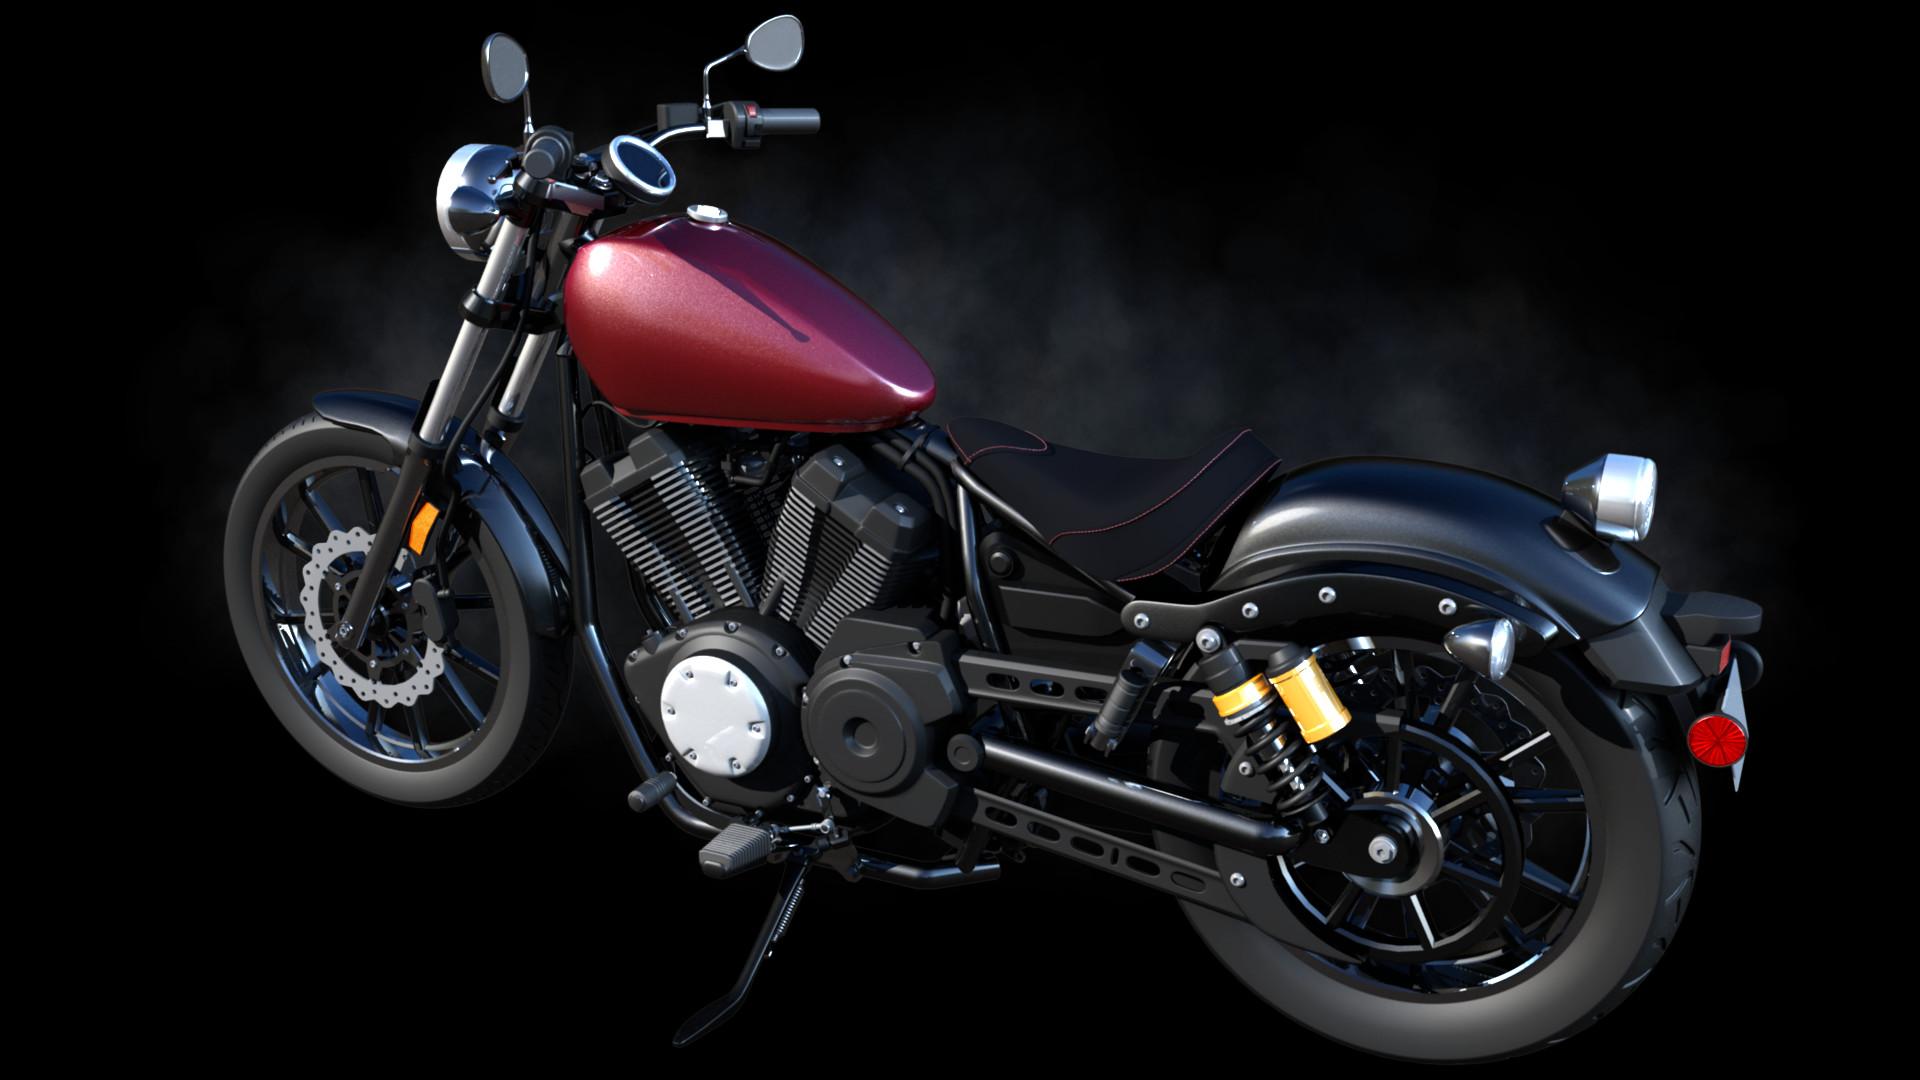 Alexander szopinski motorcycle edit 4